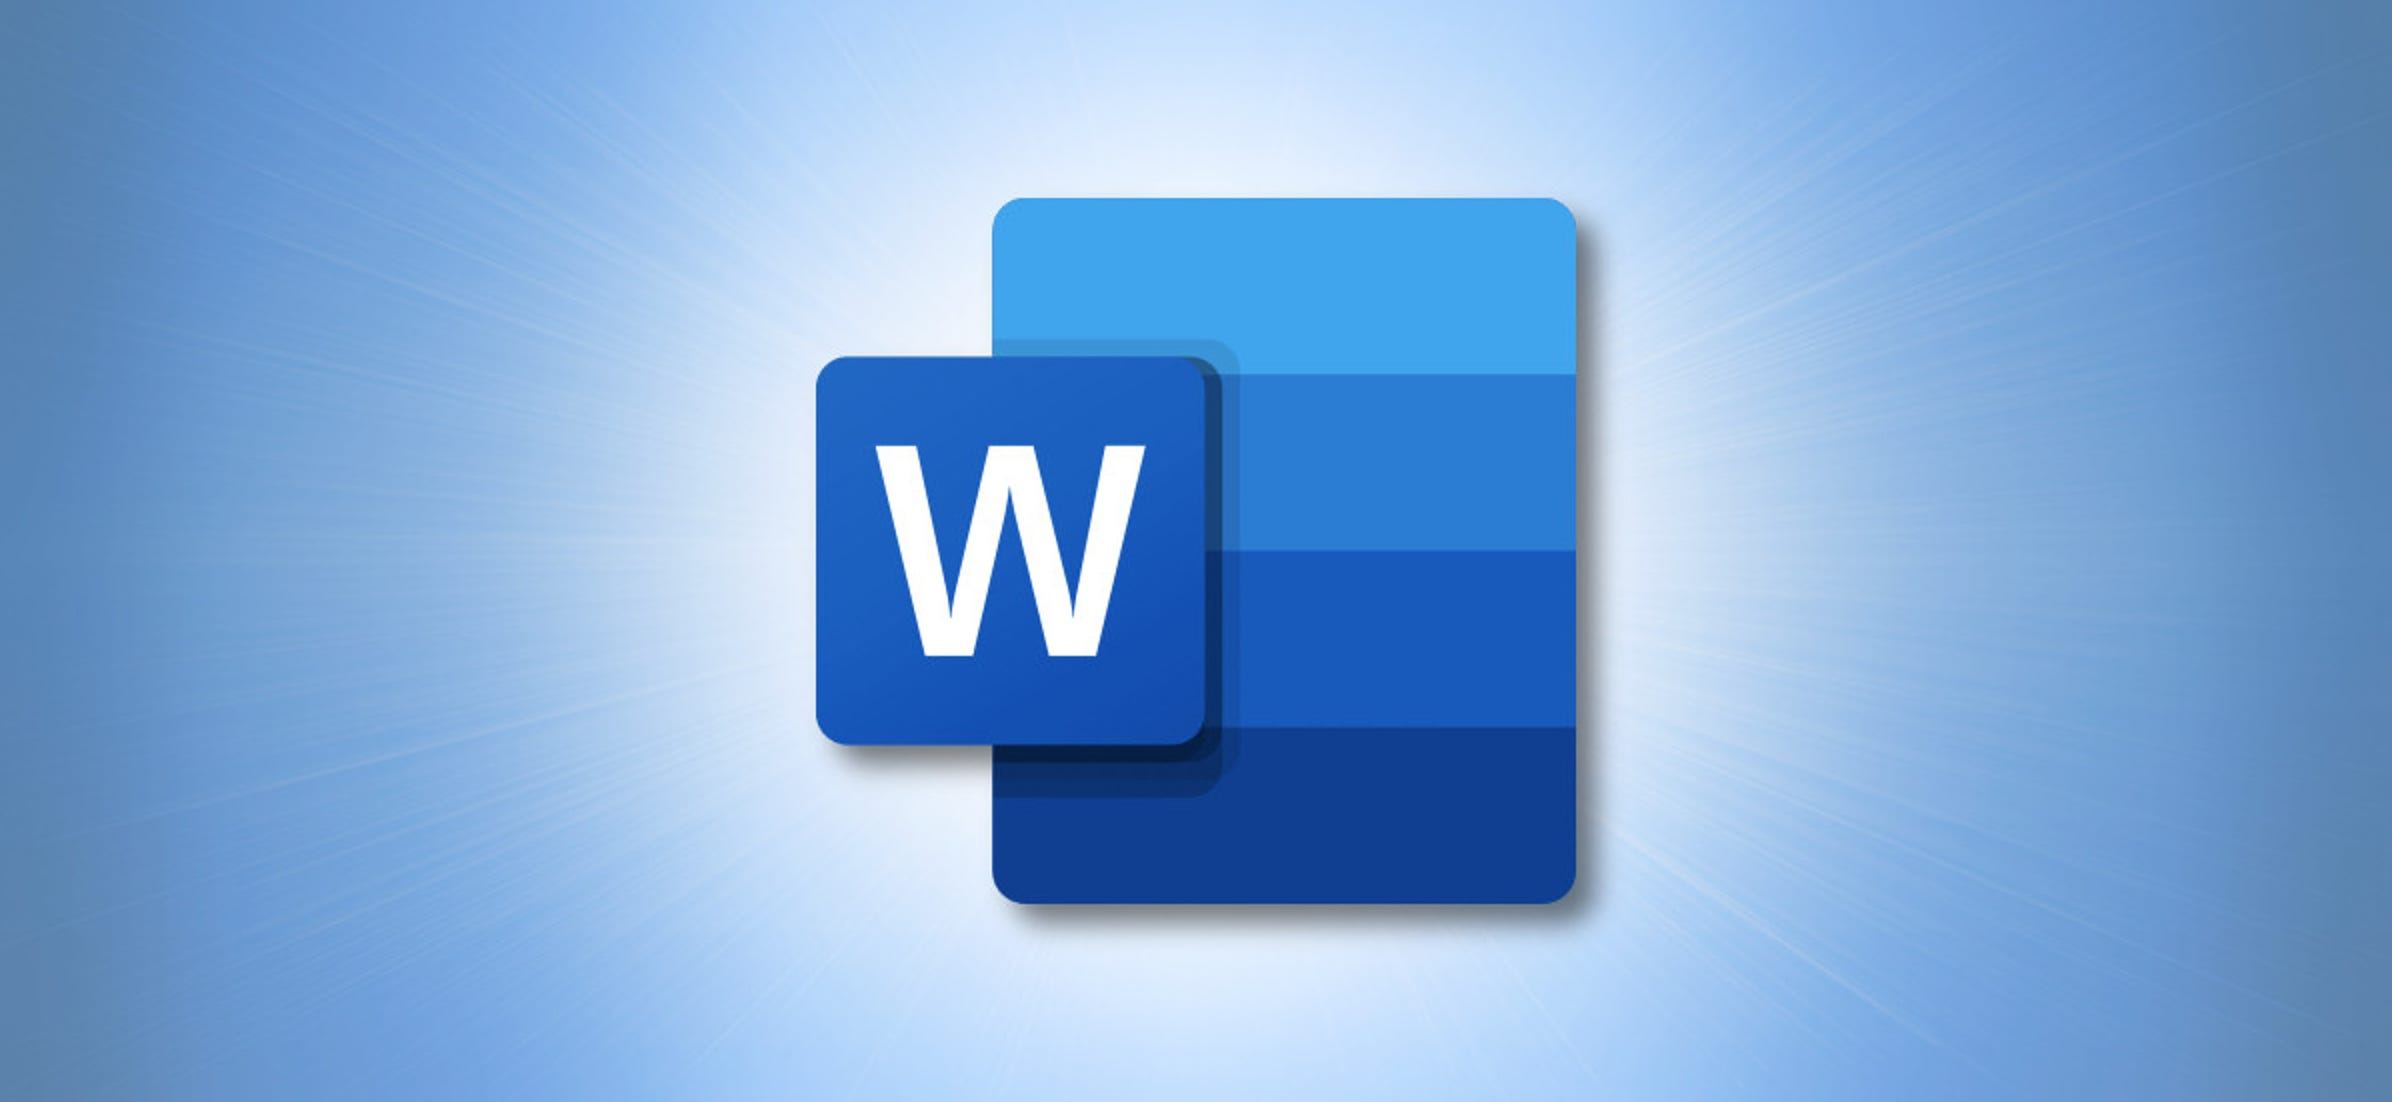 Cómo eliminar rápidamente todas las imágenes de un documento de Word